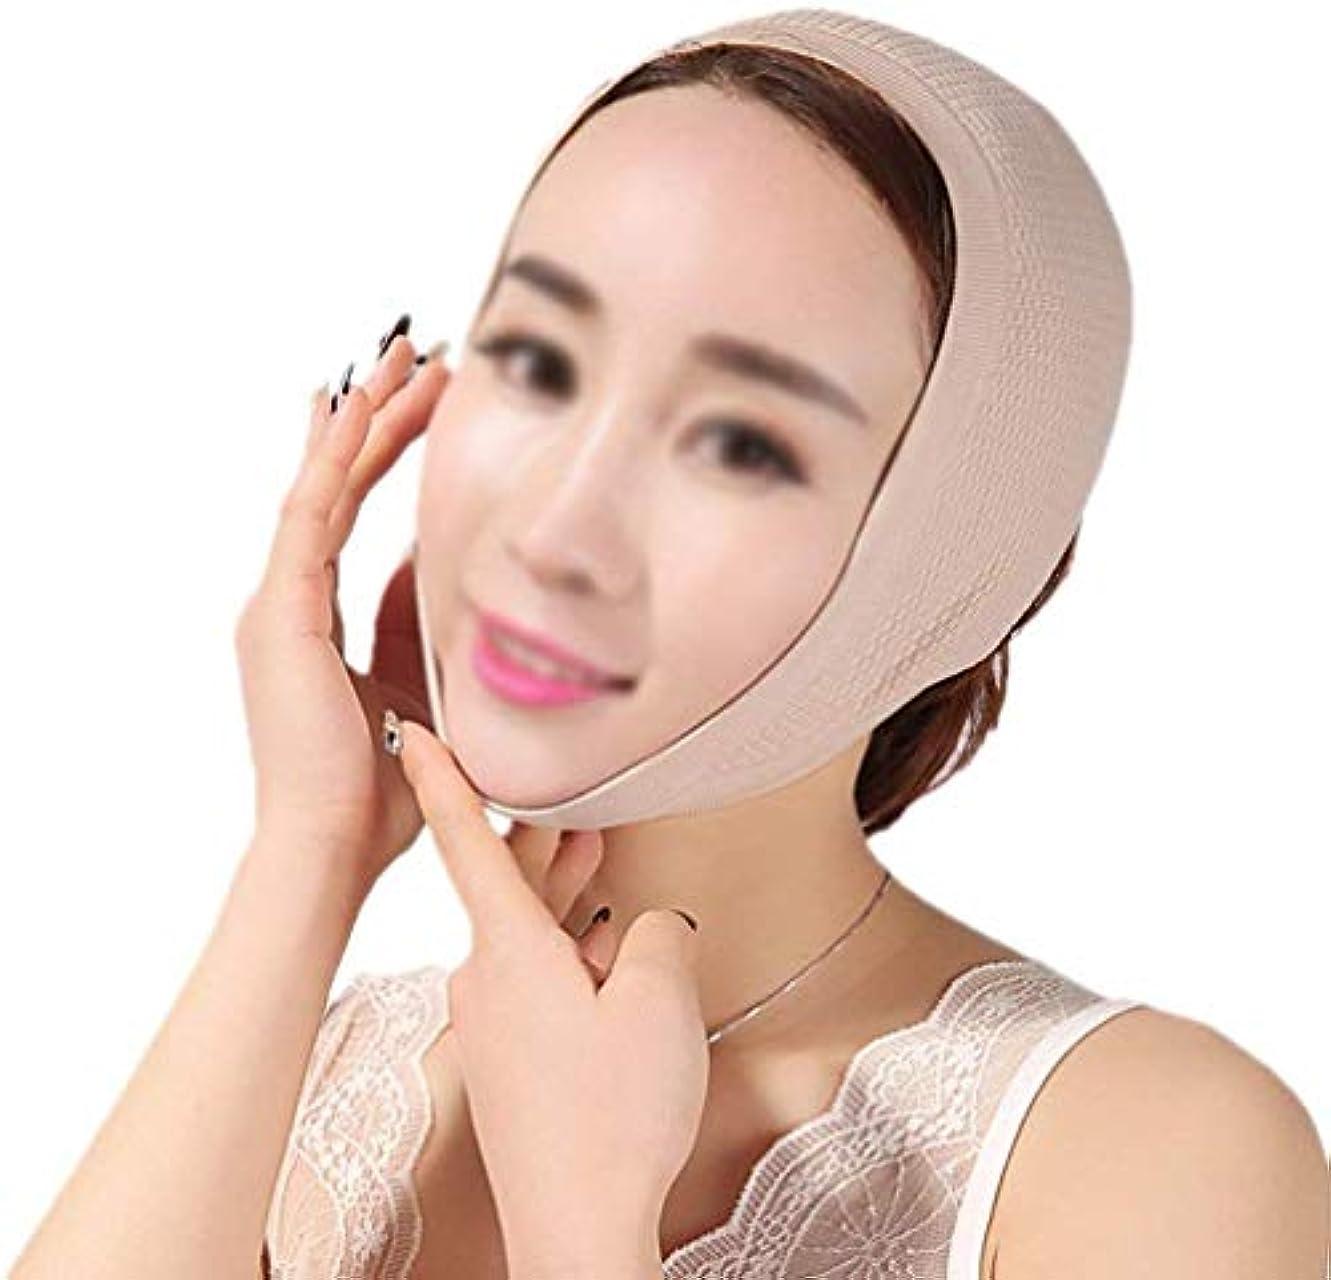 調査執着マウントHUYYA 女性の顔を持ち上げるベルト、Vライン頬 しわ防止包帯 二重あごの減量顔,Flesh_Medium